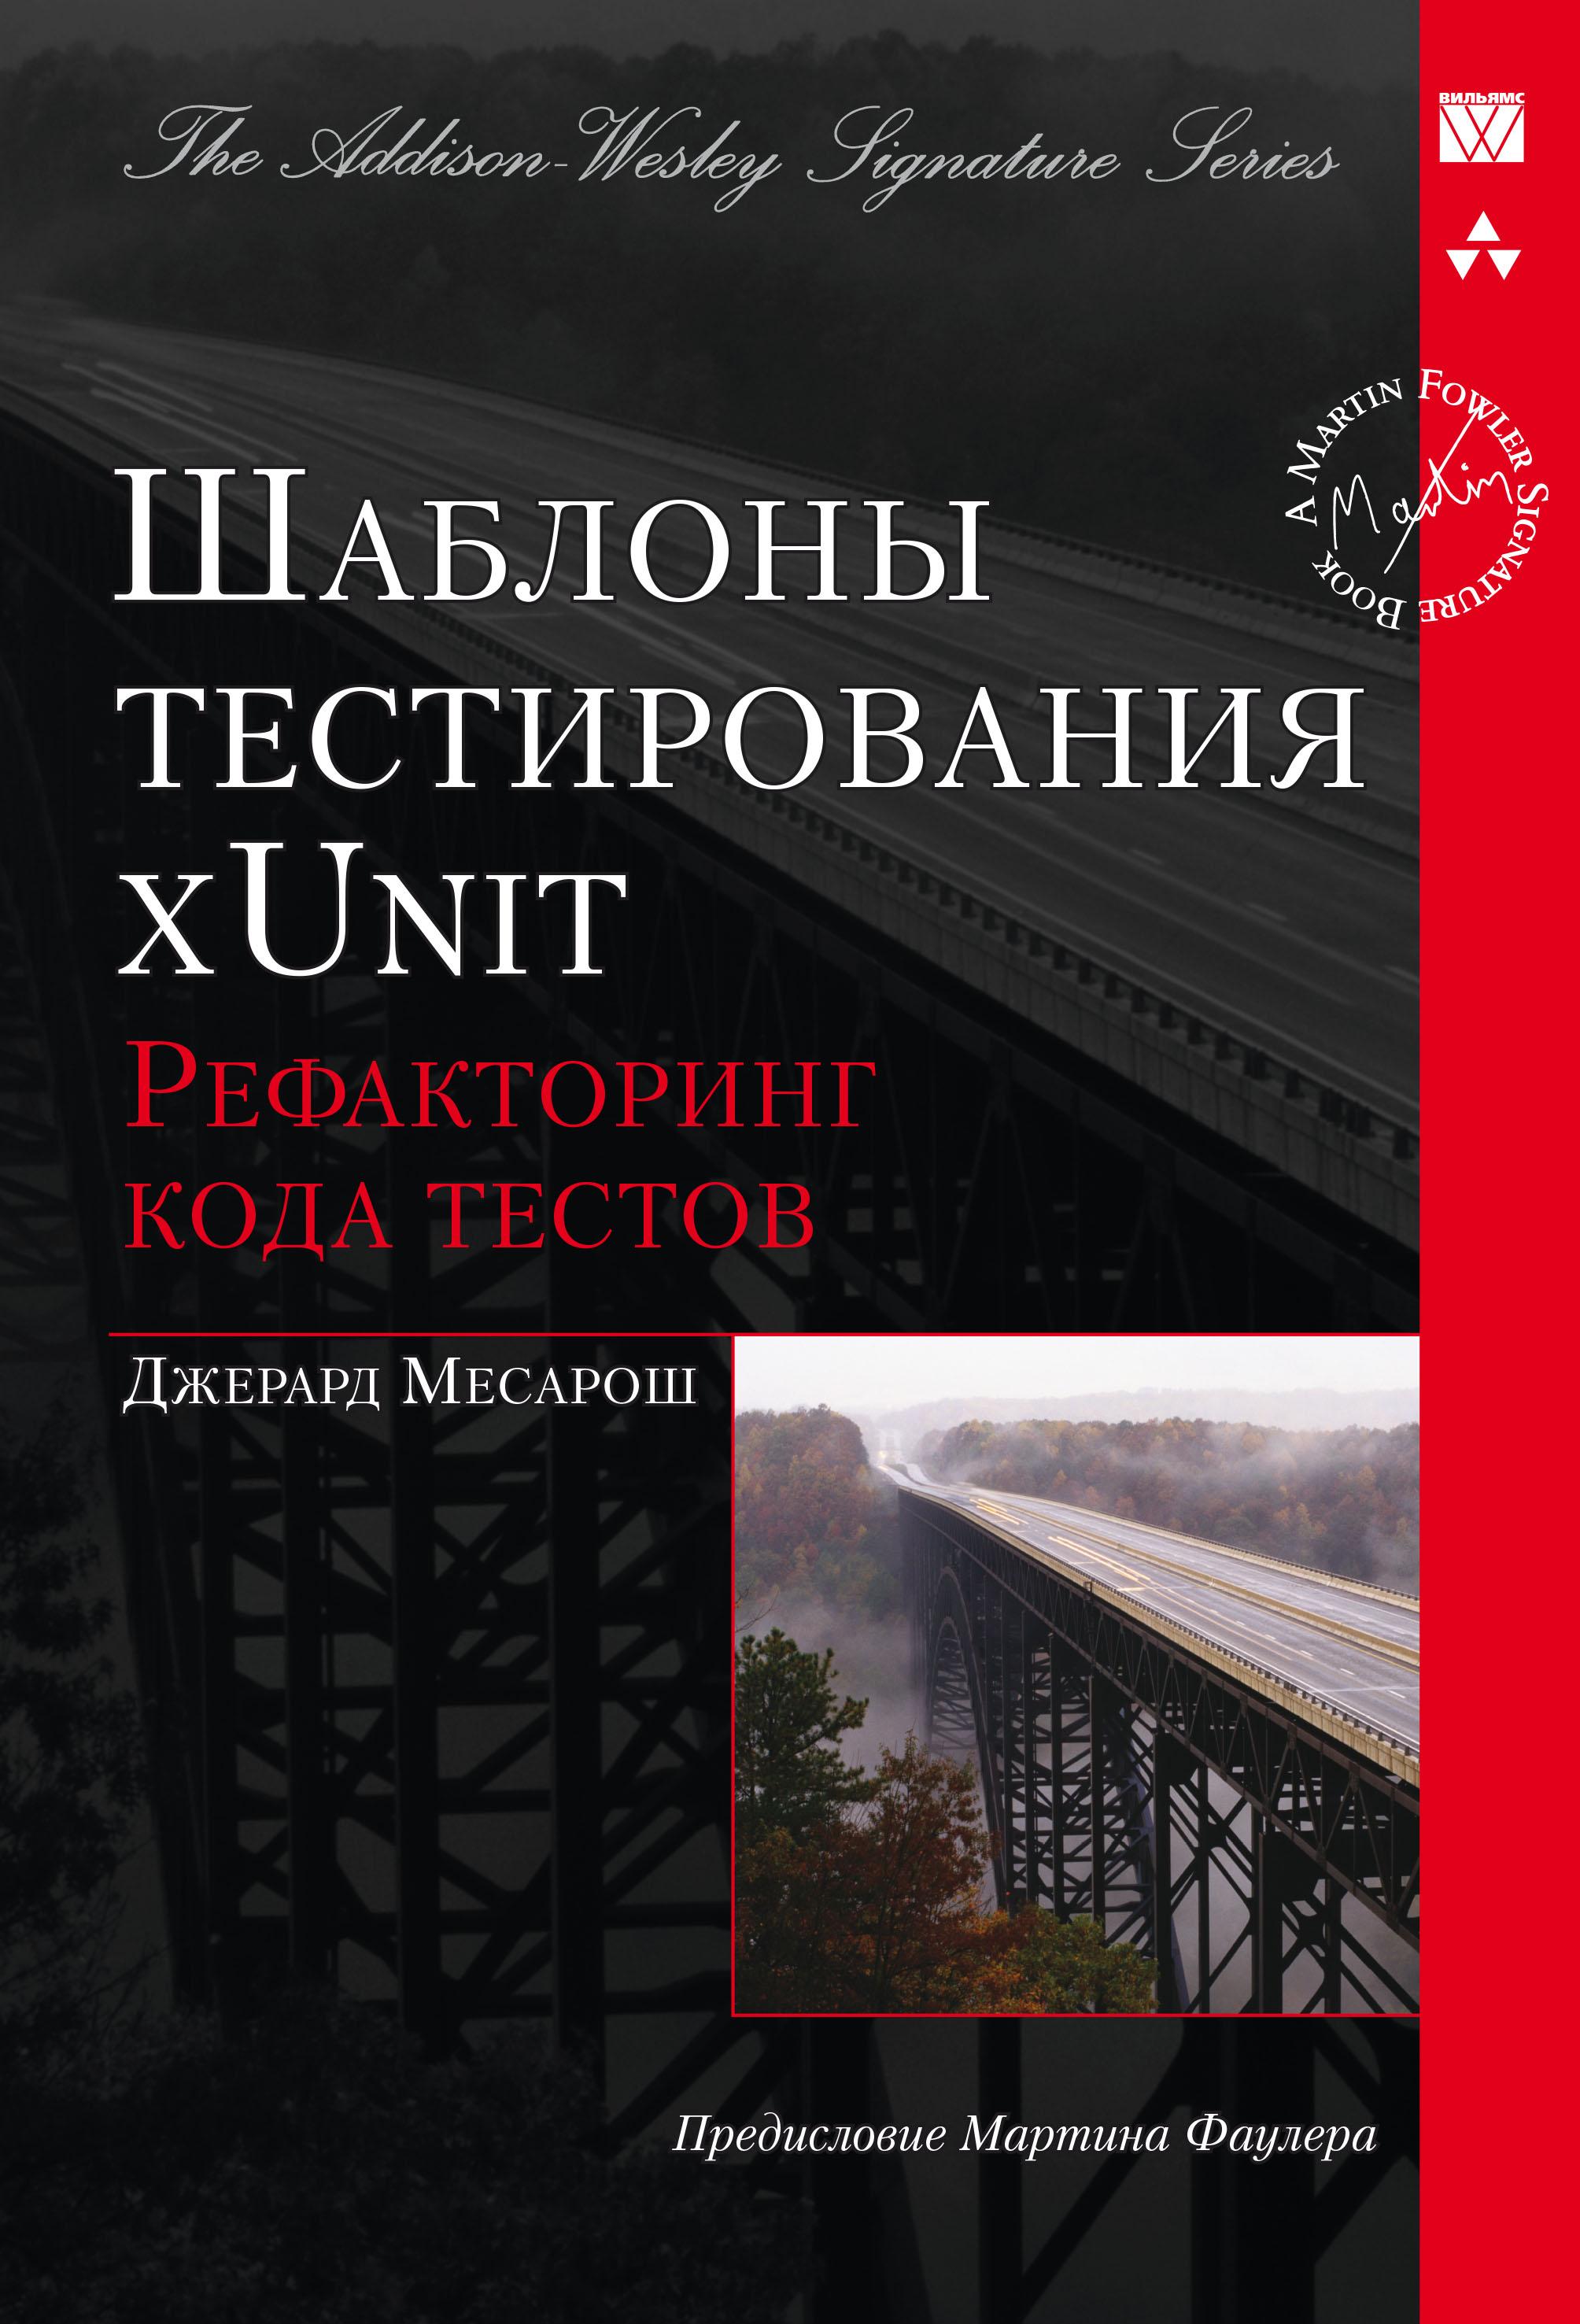 Купить книгу Шаблоны тестирования xUnit: рефакторинг кода тестов, автора